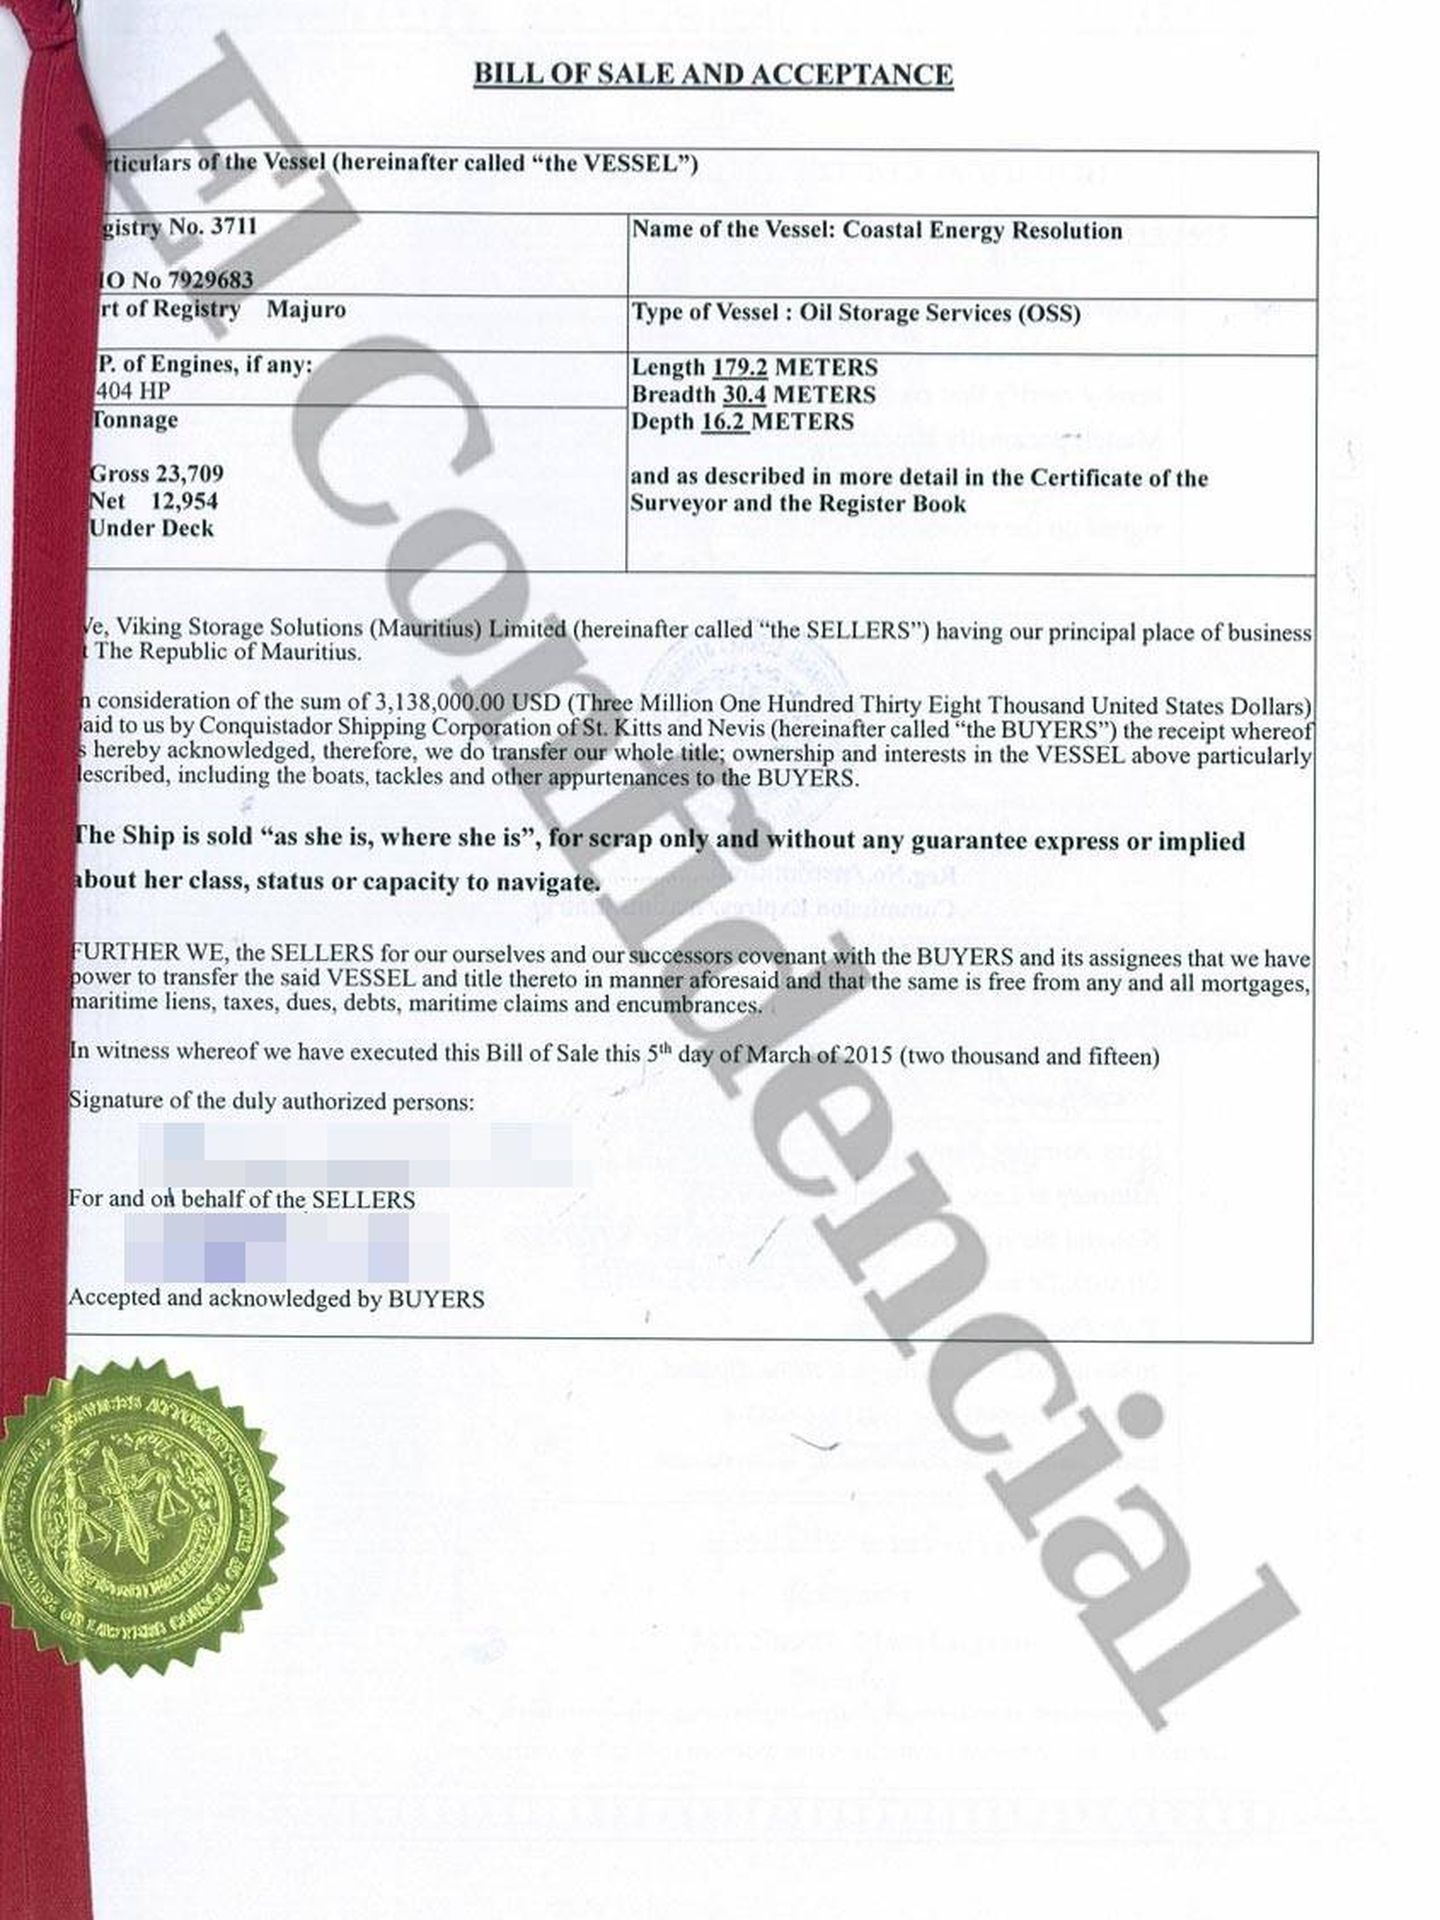 Cepsa vende su barco para que sea desguazado. (Mauritius Leaks/ICIJ). Pinche para ver el documento completo.